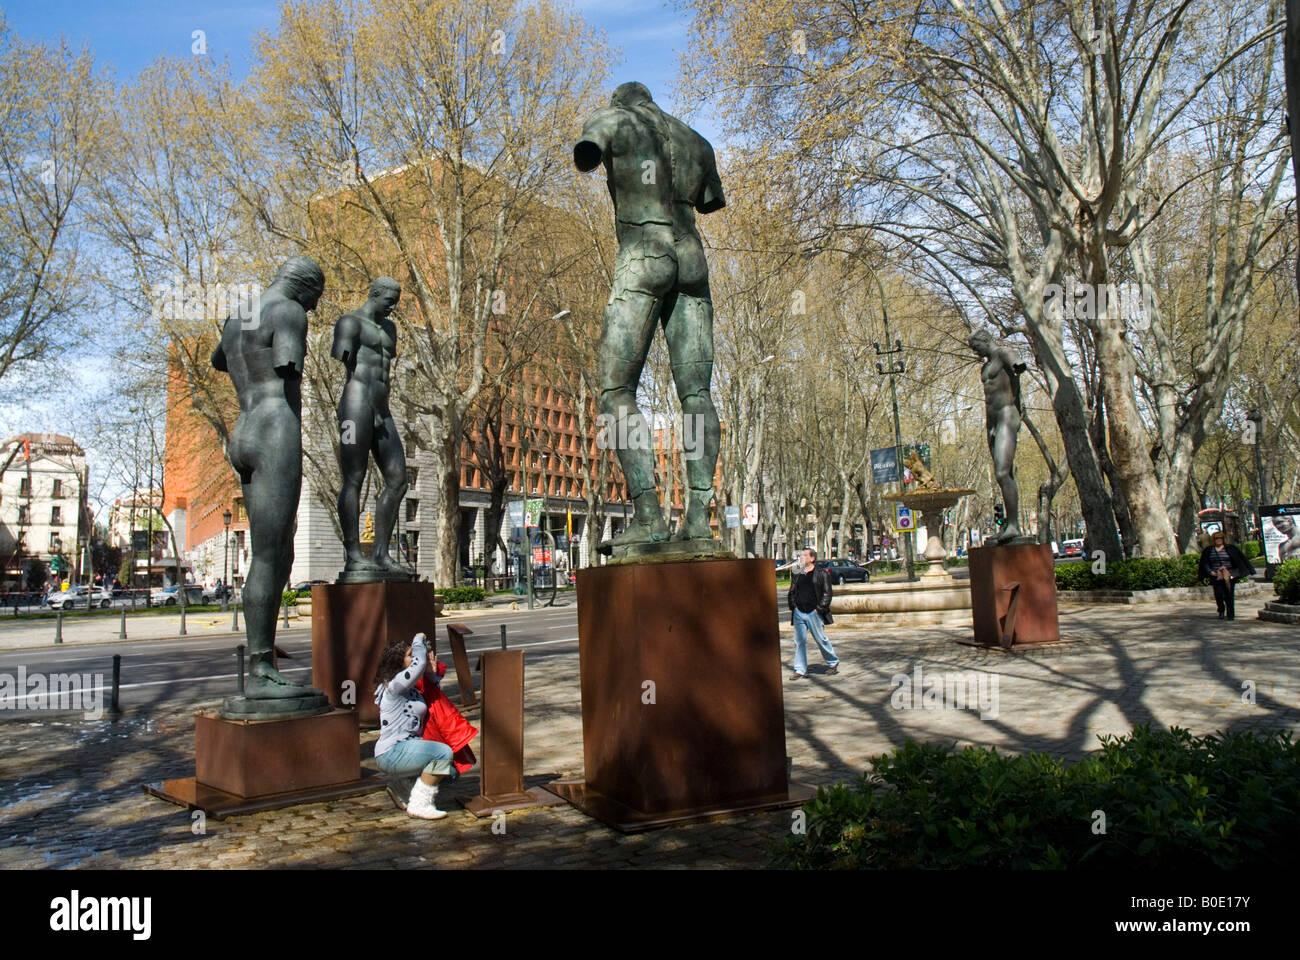 Sculptures by Igor Mitoraj in Paseo del Prado MADRID SPAIN - Stock Image